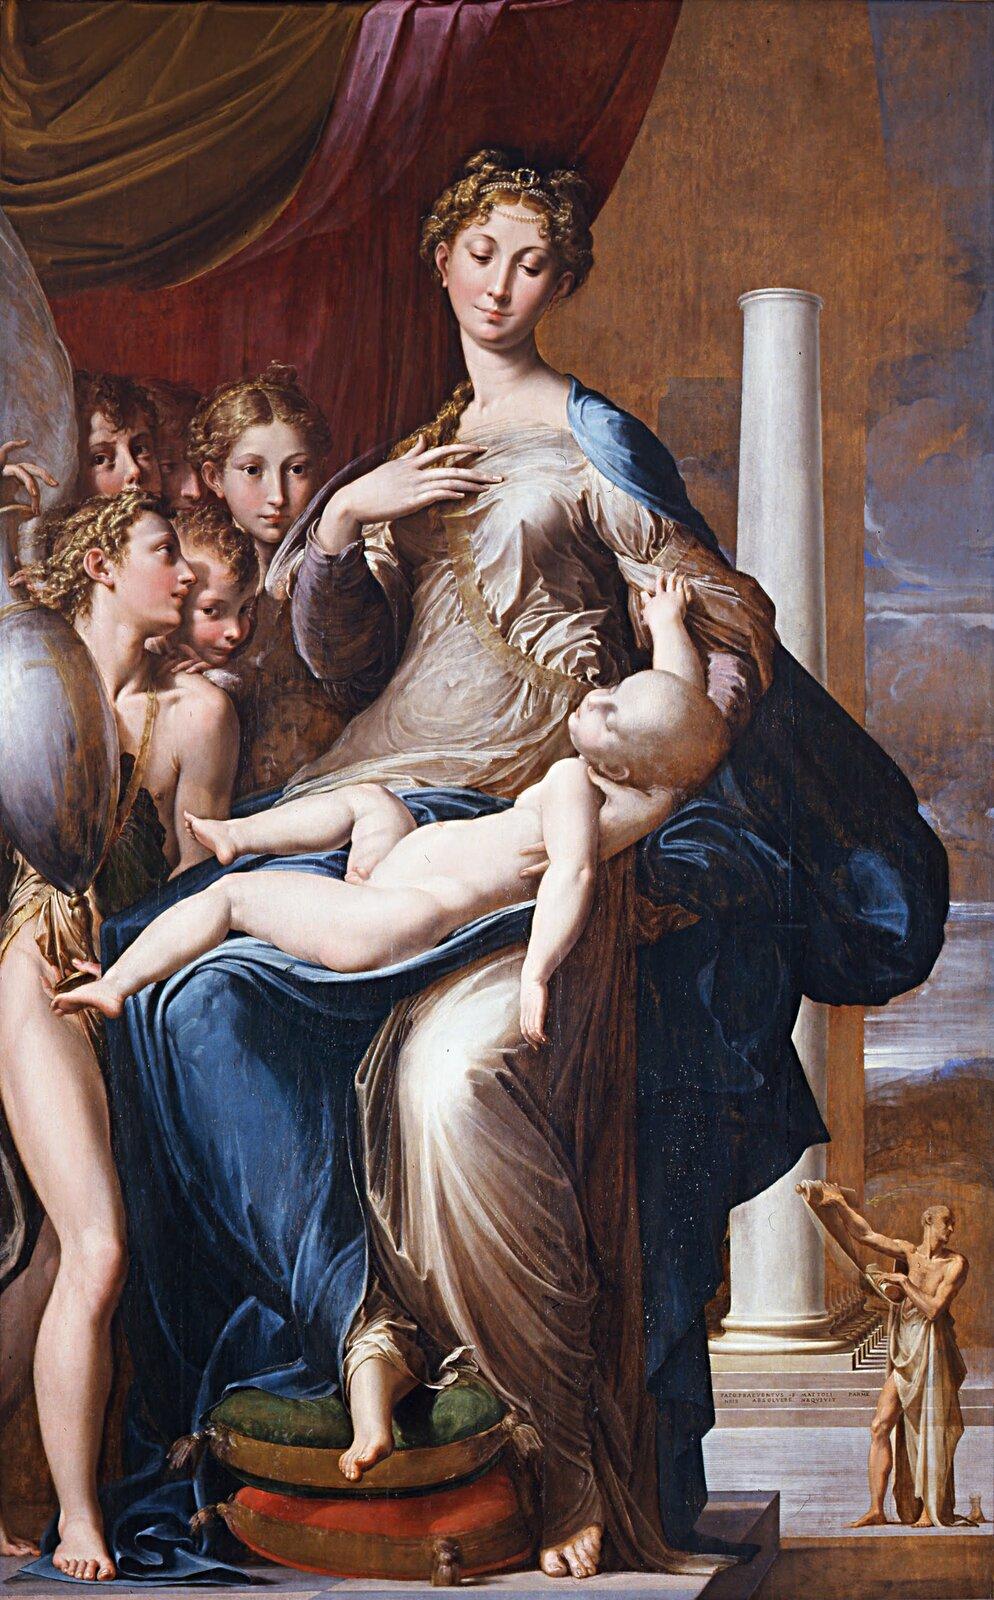 Madonna zdługą szyją Źródło: Parmigianino, Madonna zdługą szyją, 1534-1540, olej na płótnie, Uffizi Gallery we Florencji, domena publiczna.